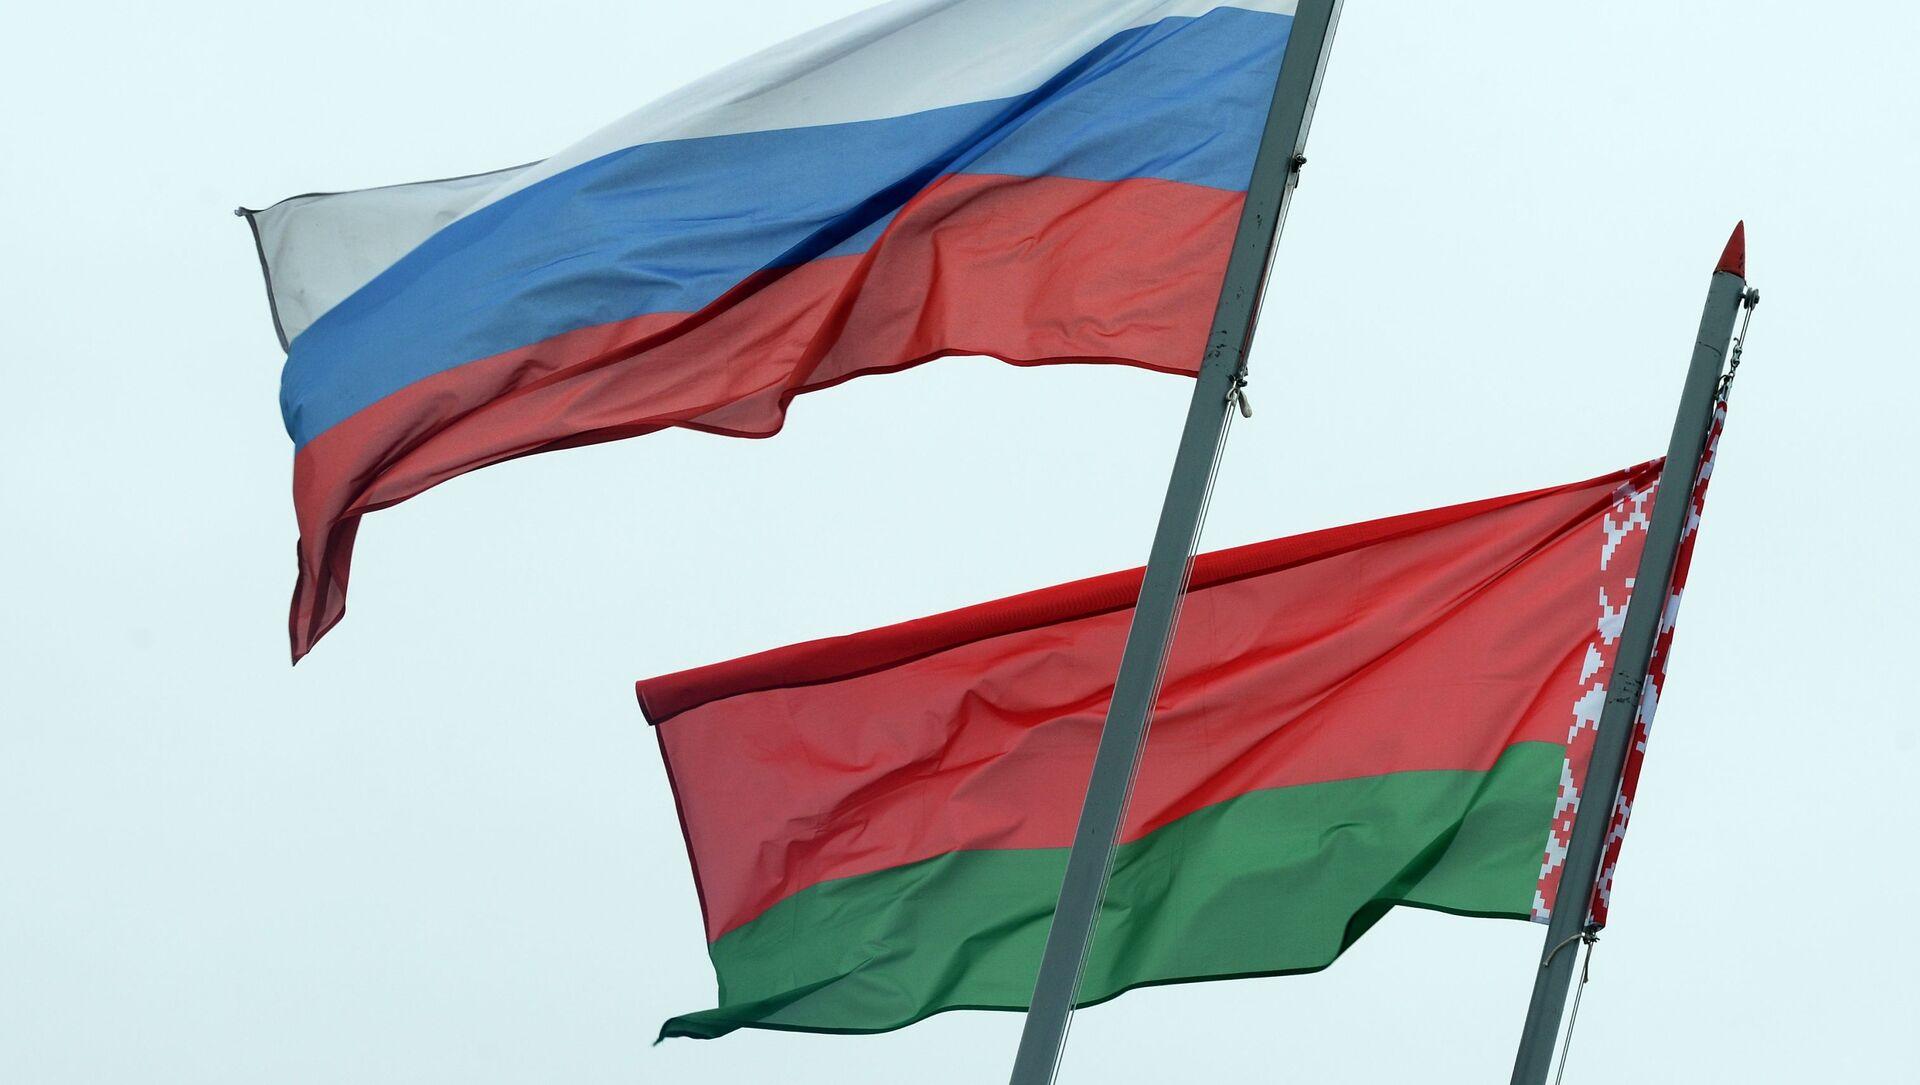 Banderas de Rusia y Bielorrusia - Sputnik Mundo, 1920, 19.06.2020